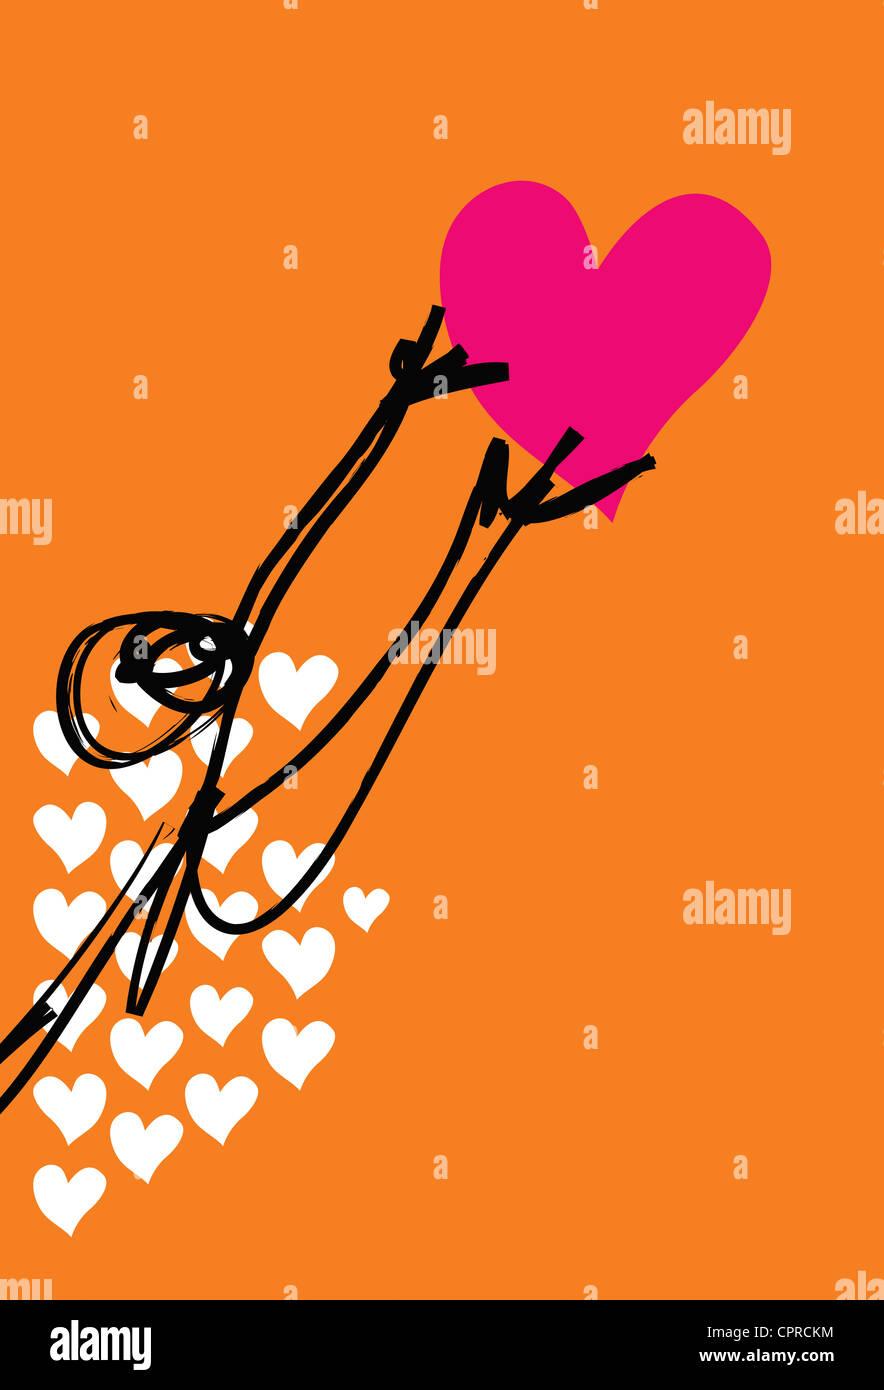 Los desolados, alcanzando una persona infeliz corazón. Imagen De Stock